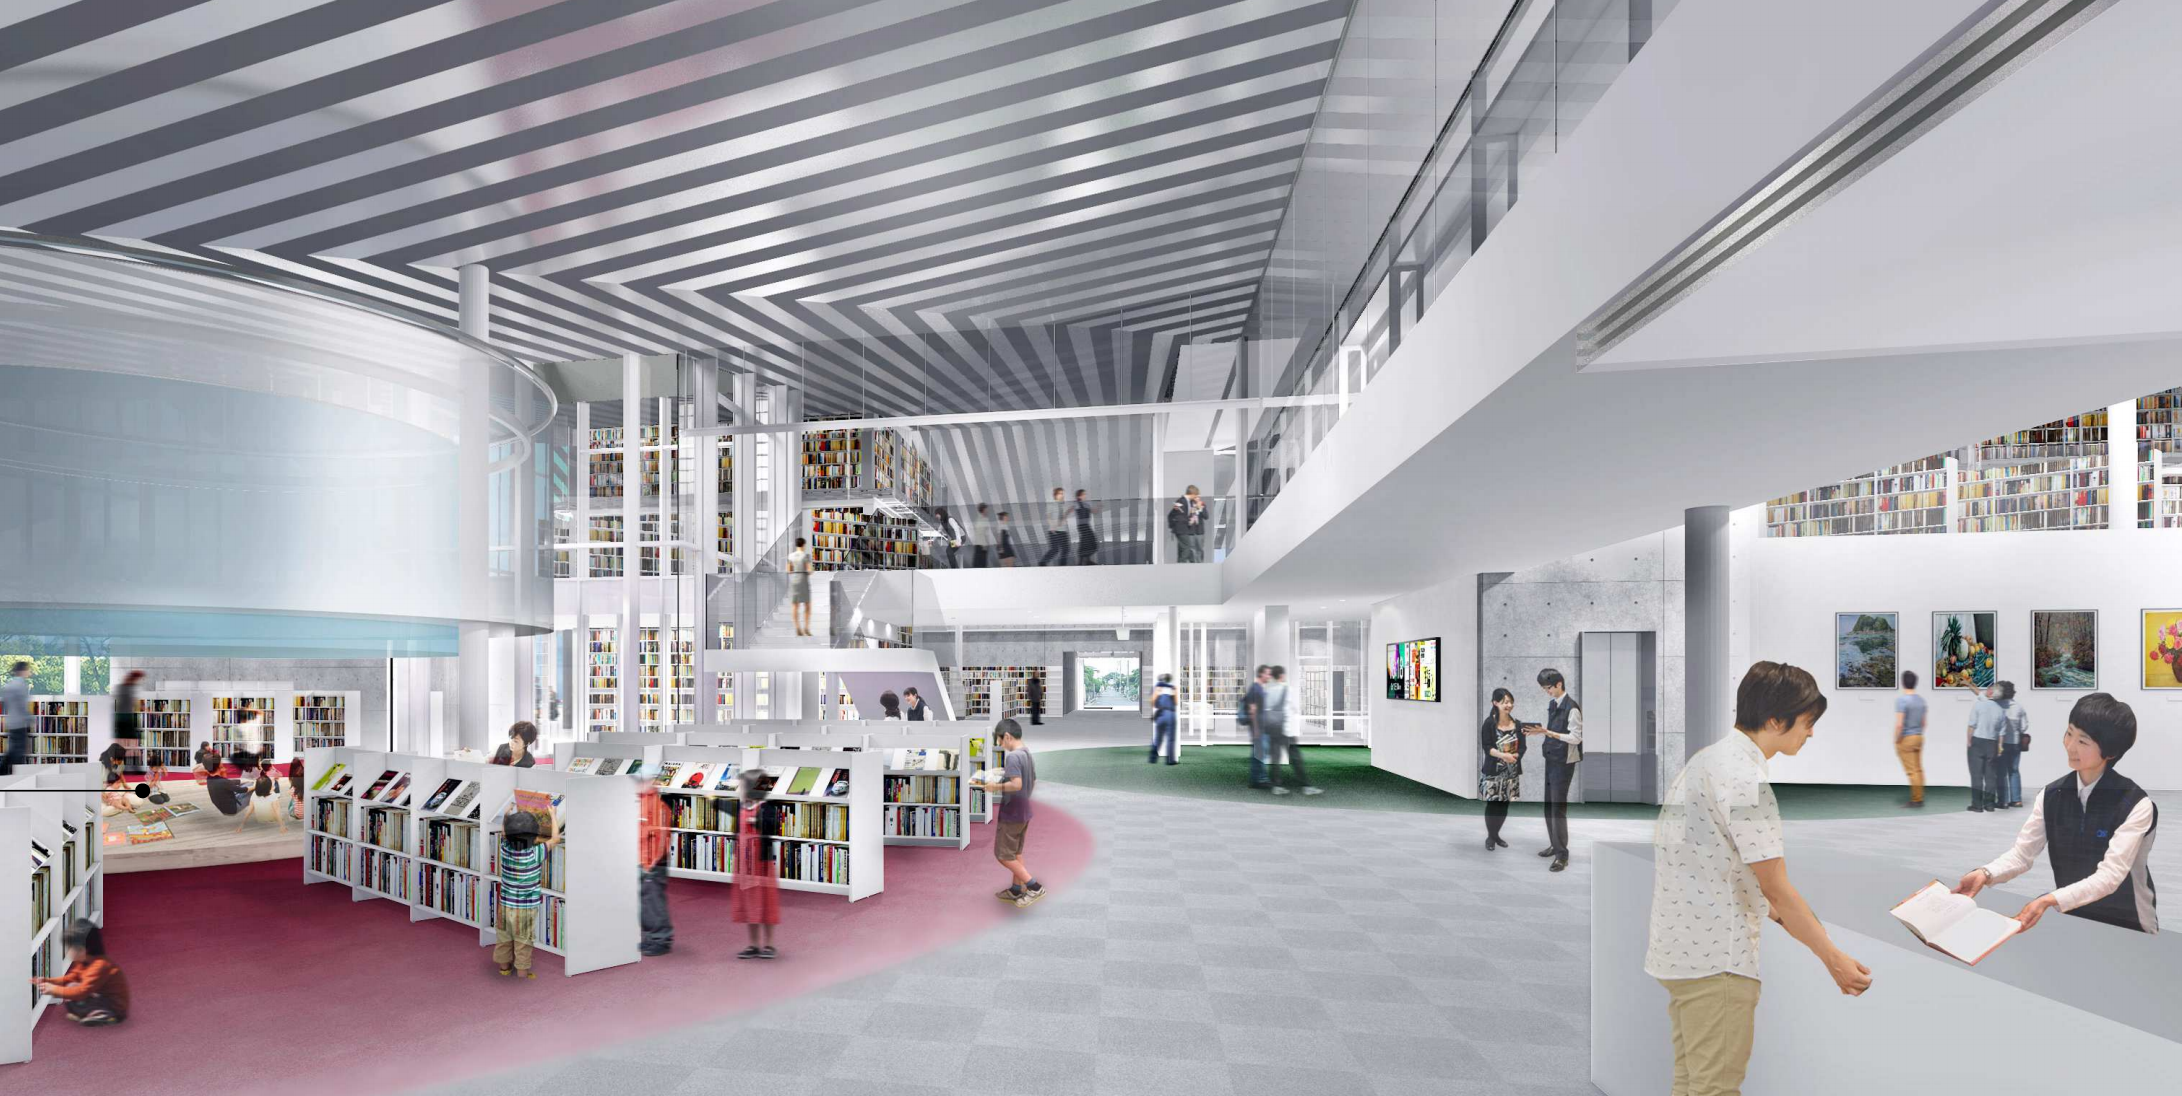 新 野々市市立図書館のブックタワーが凄い!   金沢まちゲー ...